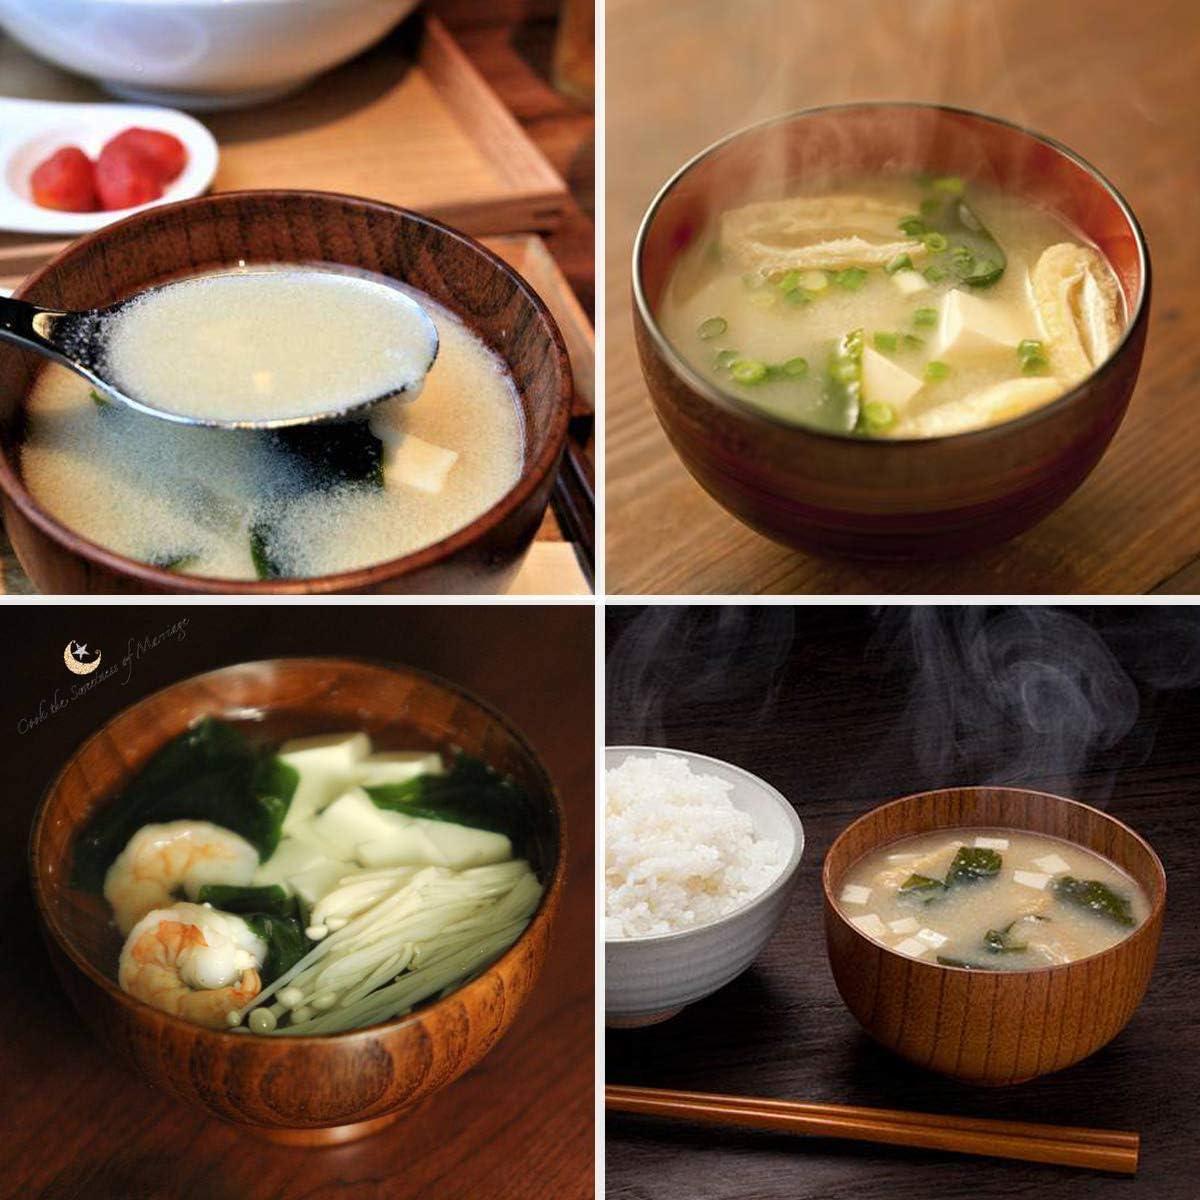 apto para veganos sopa caf/é salsa 4 unidades t/é Cuenco de madera para desayuno decoraci/ón